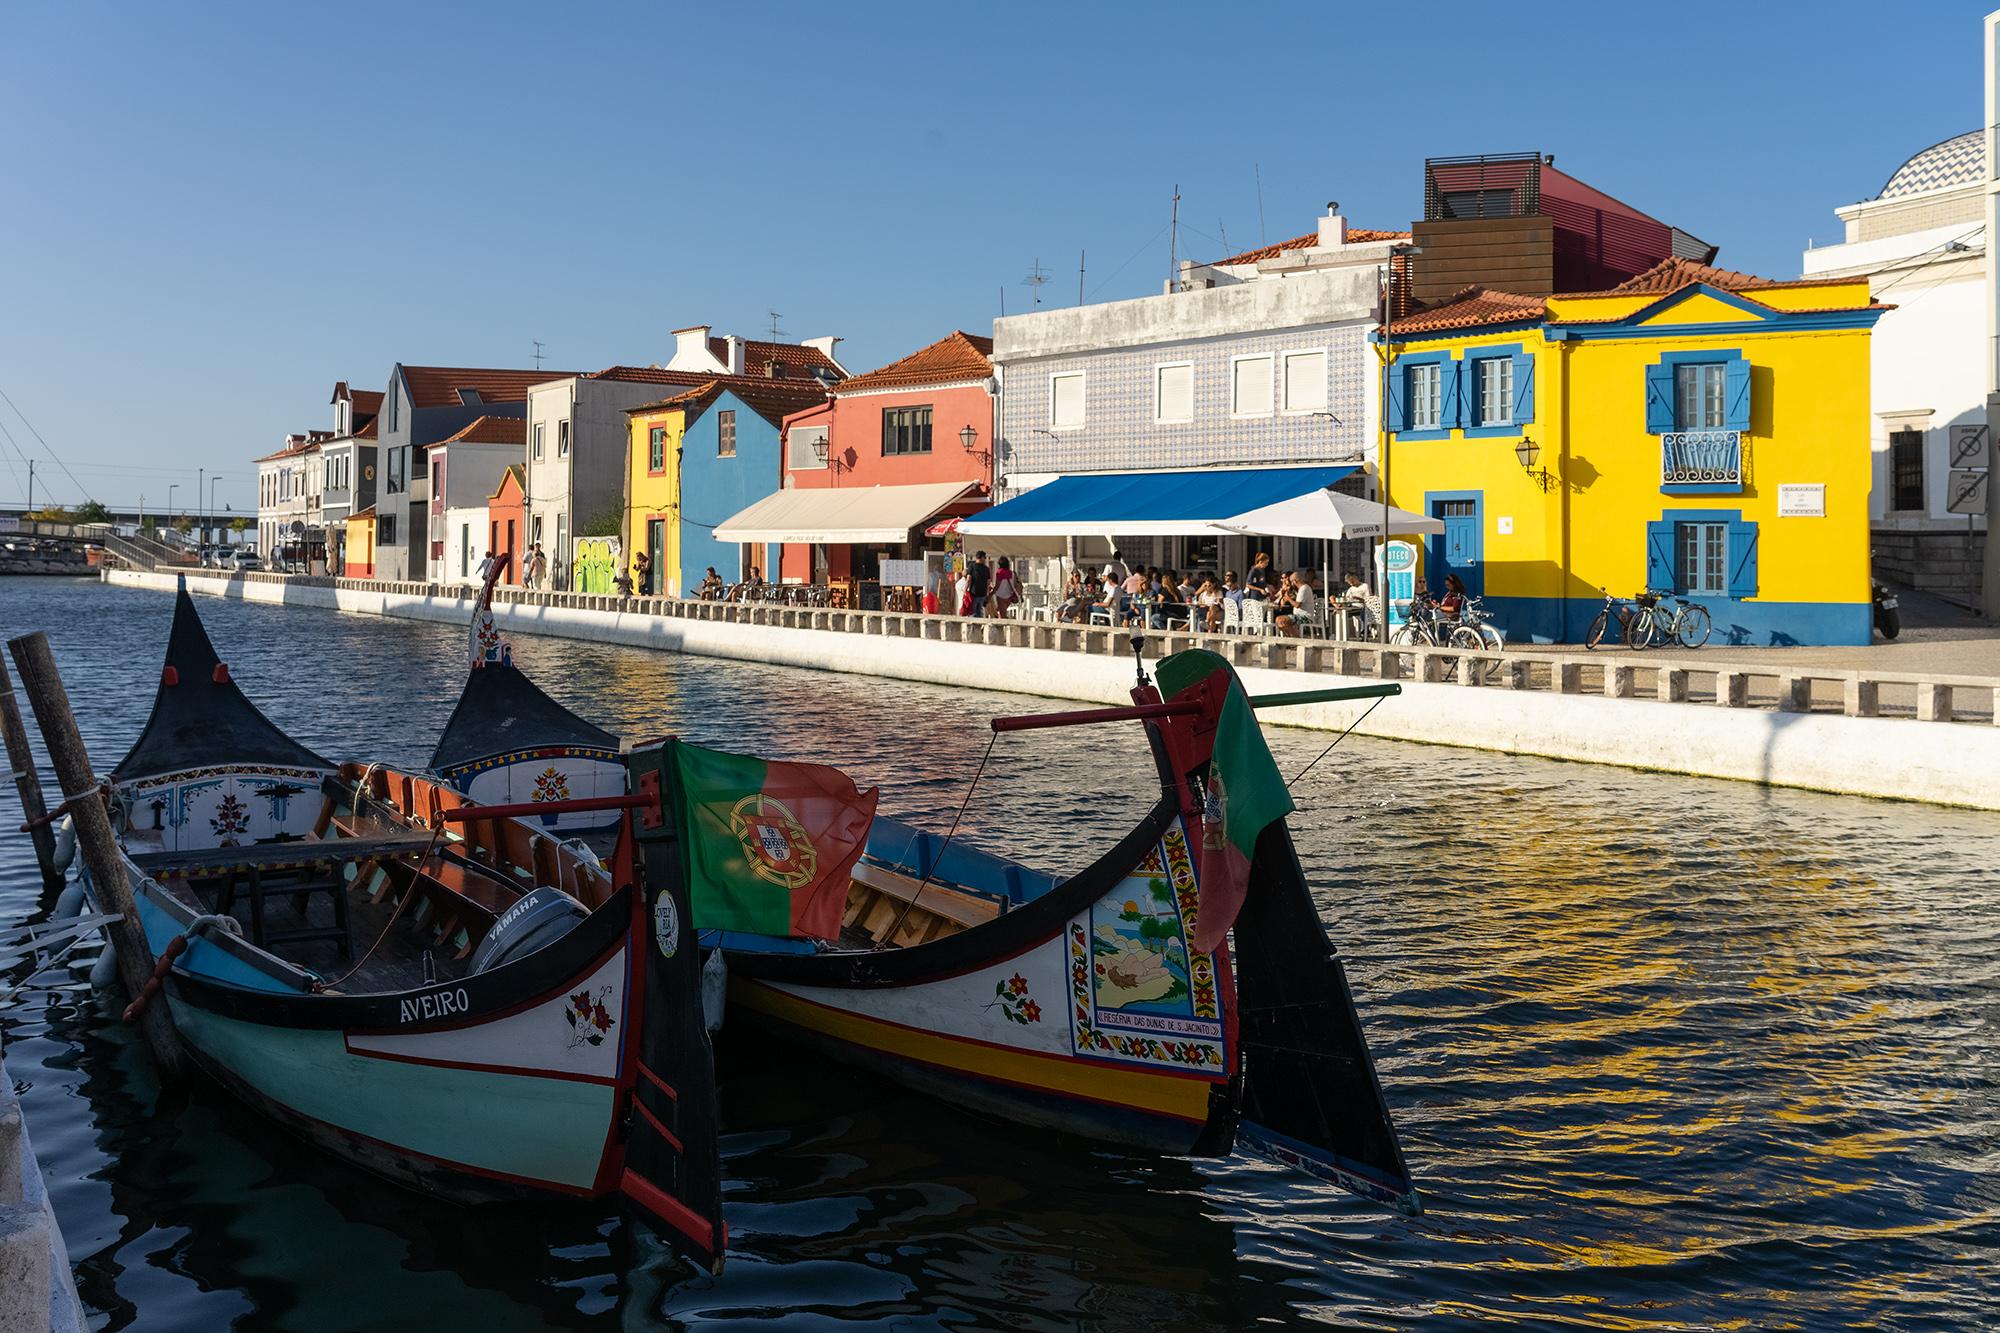 Canal de Botiroes en Aveiro, Portugal, con los típicos barcos moliceiros en primer plano y las casas de colores a lo largo del canal